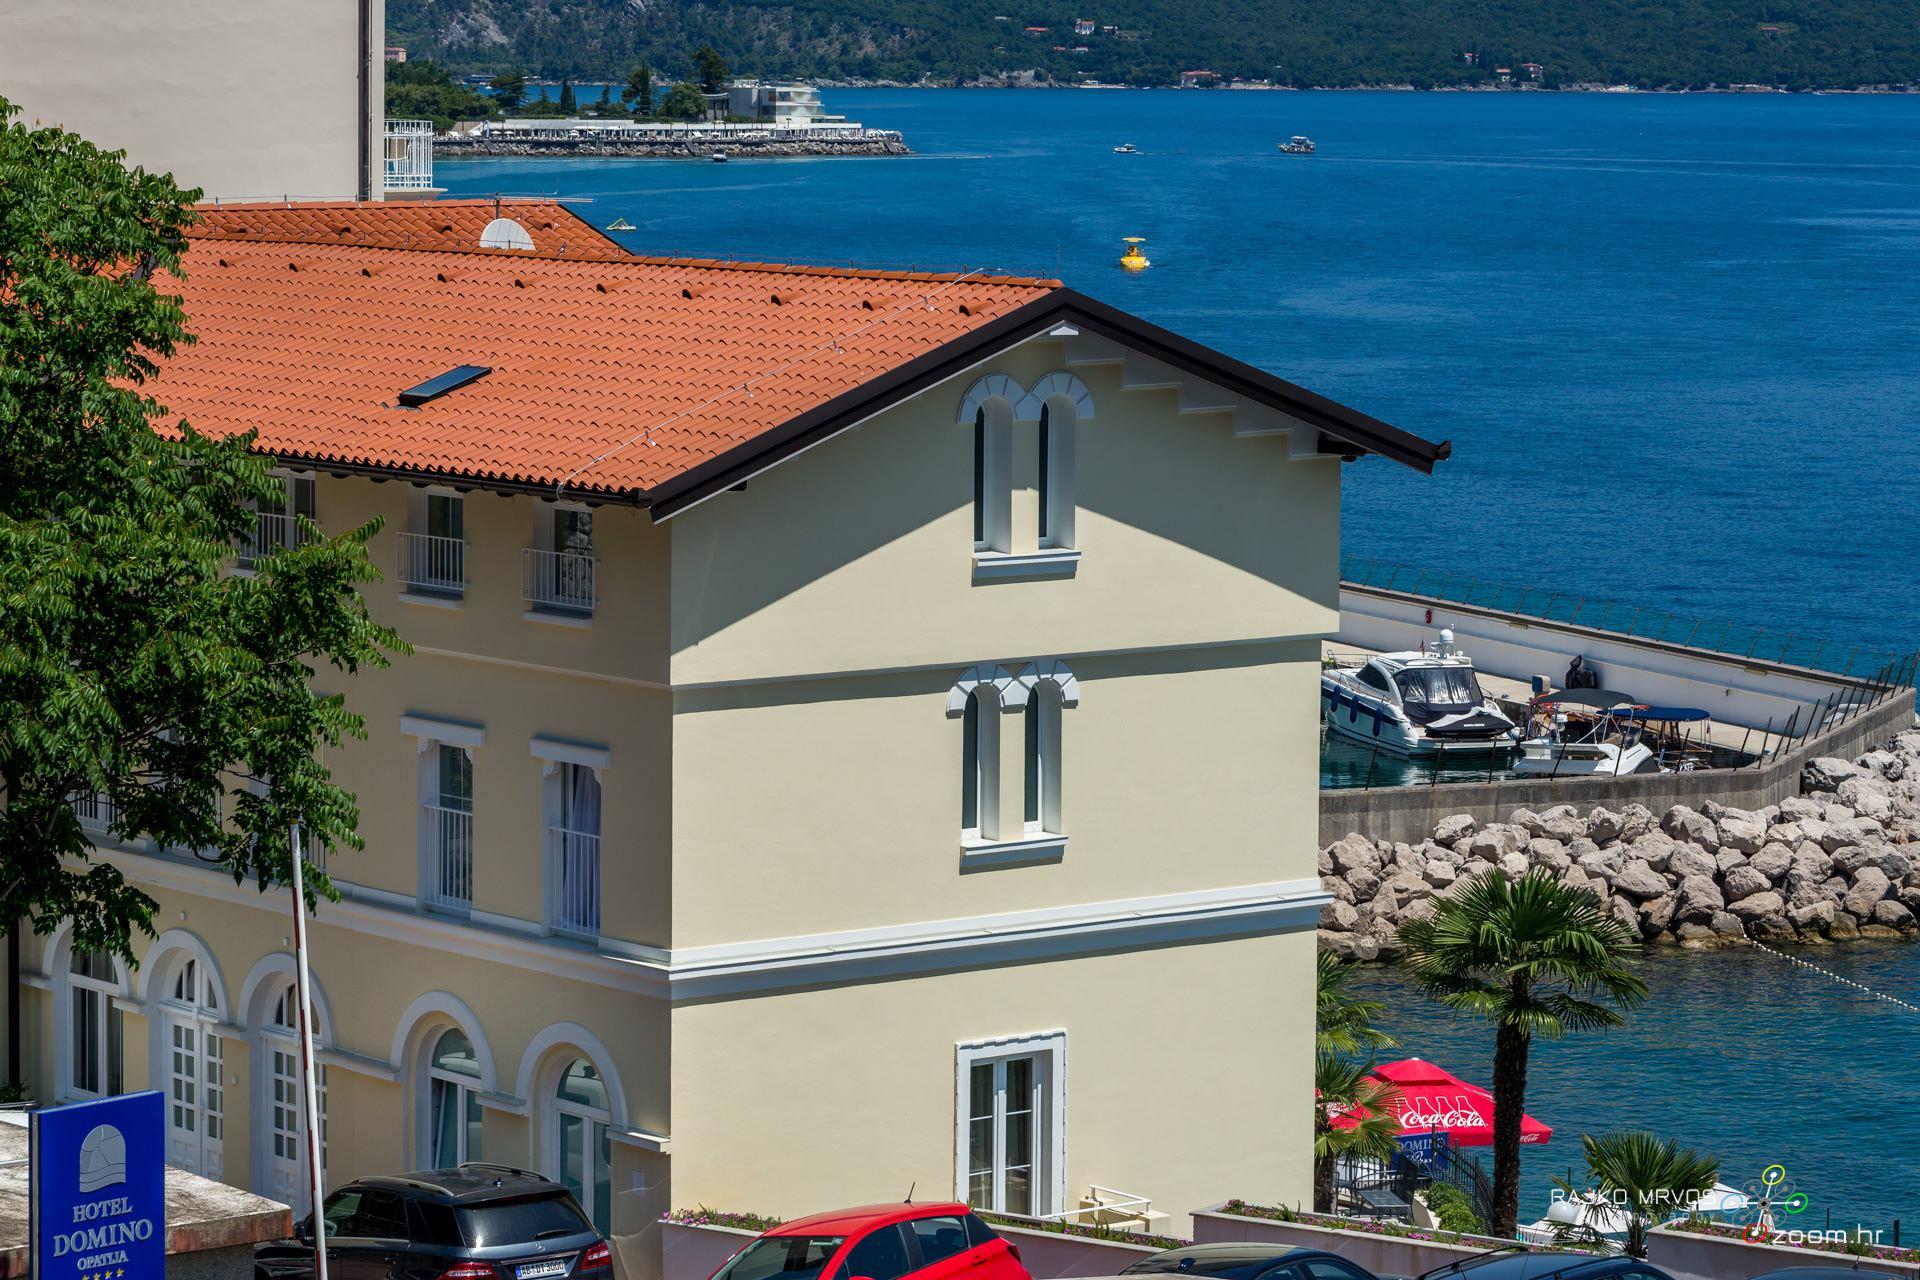 profesionalno-fotografiranje-hotela-fotograf-hotela-Hotel-Domino-Opatija-11